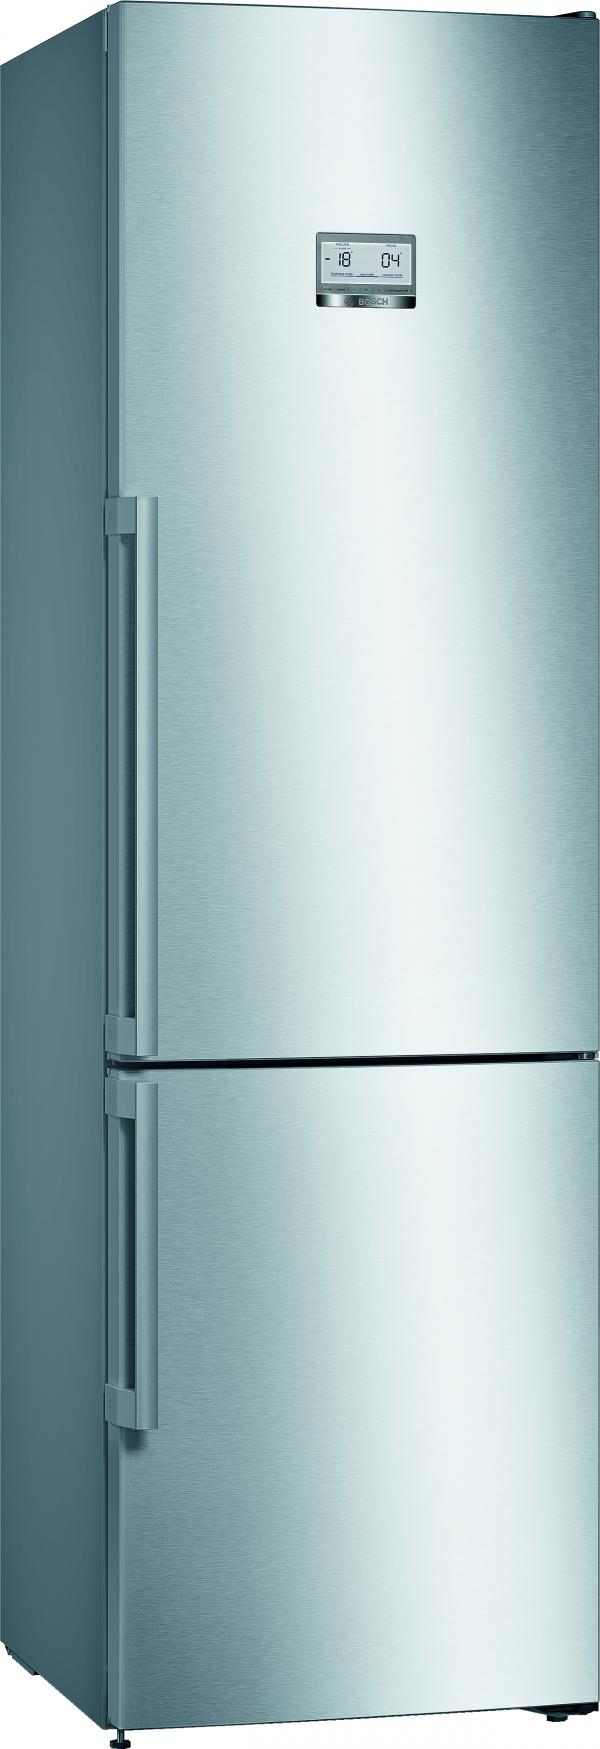 Bosch KGN39EIDP Serie   6 Vrijstaande koel-vriescombinatie